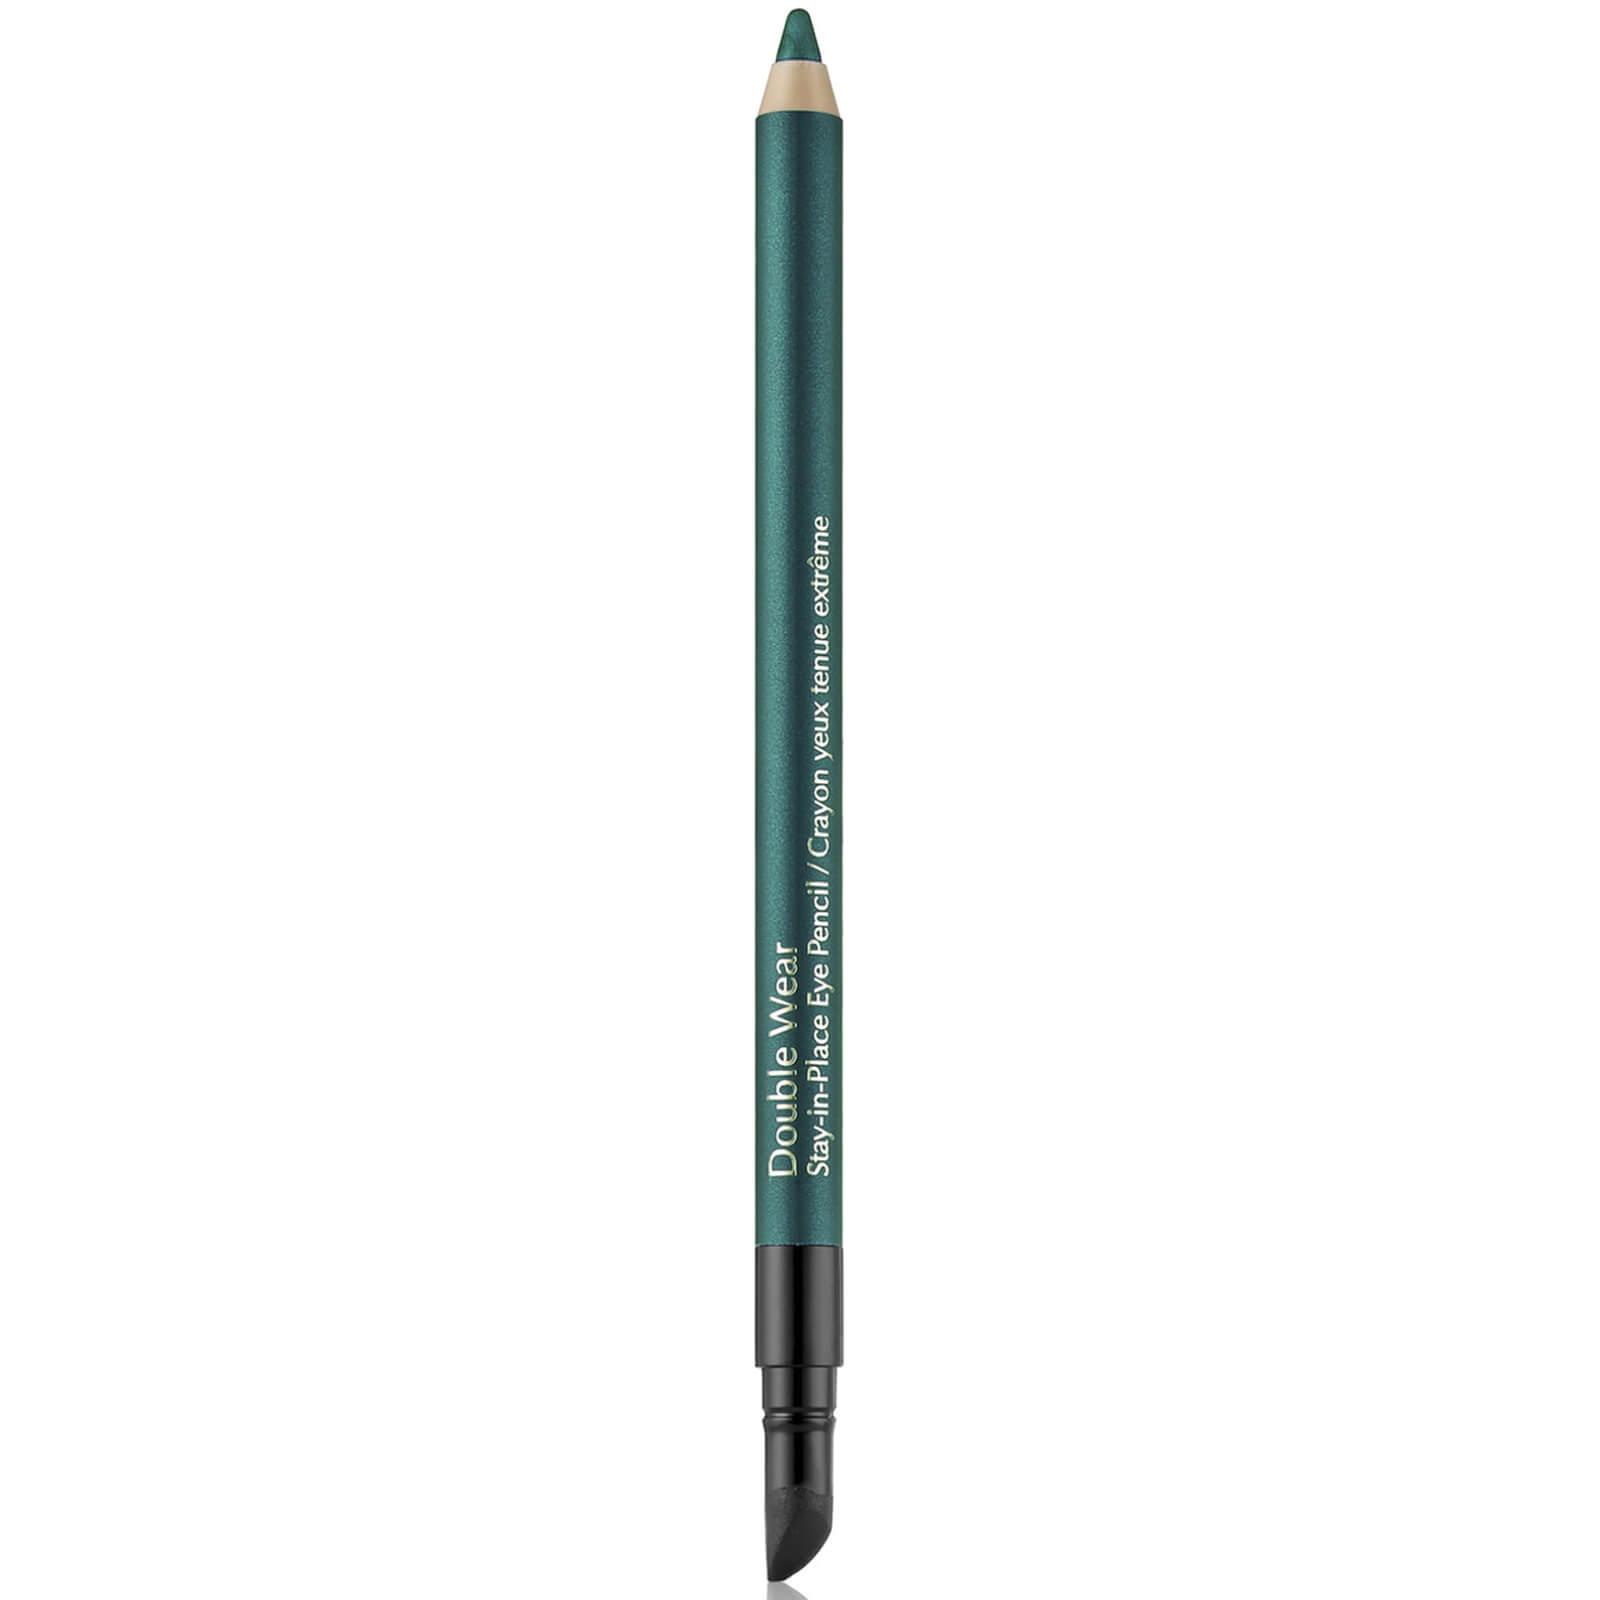 Estée Lauder Crayon Yeux Tenue Extrême Double Wear Estée Lauder 1,2g - Emerald Volt